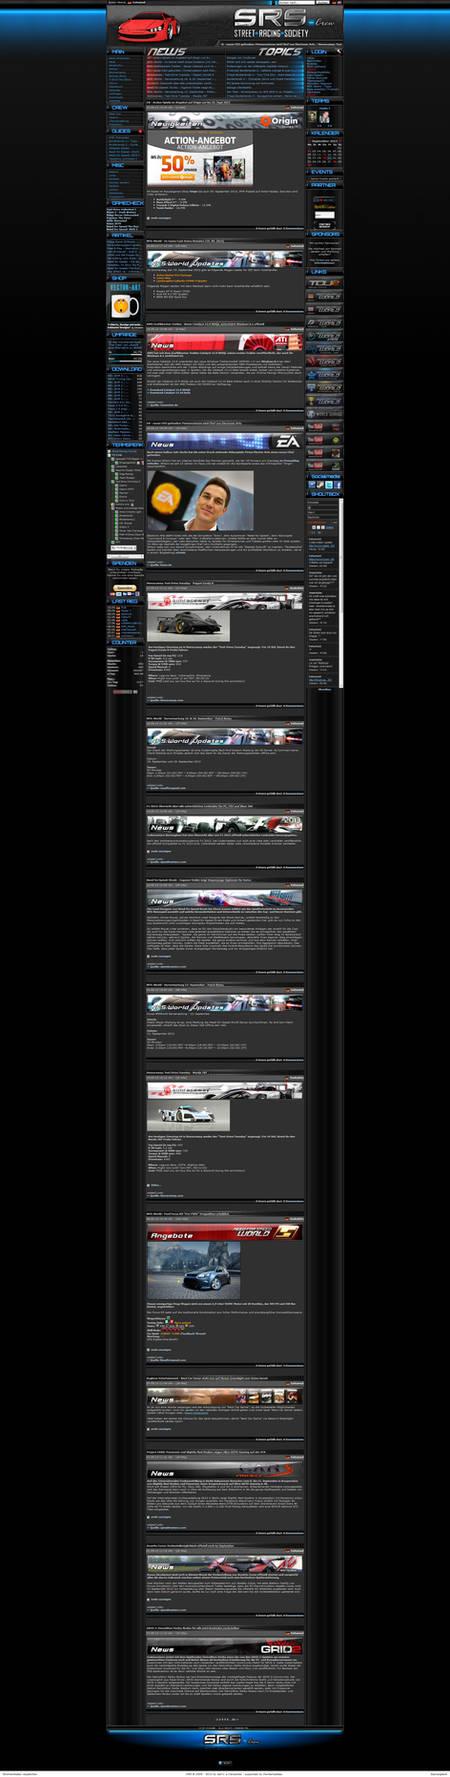 SRS Crew - my website